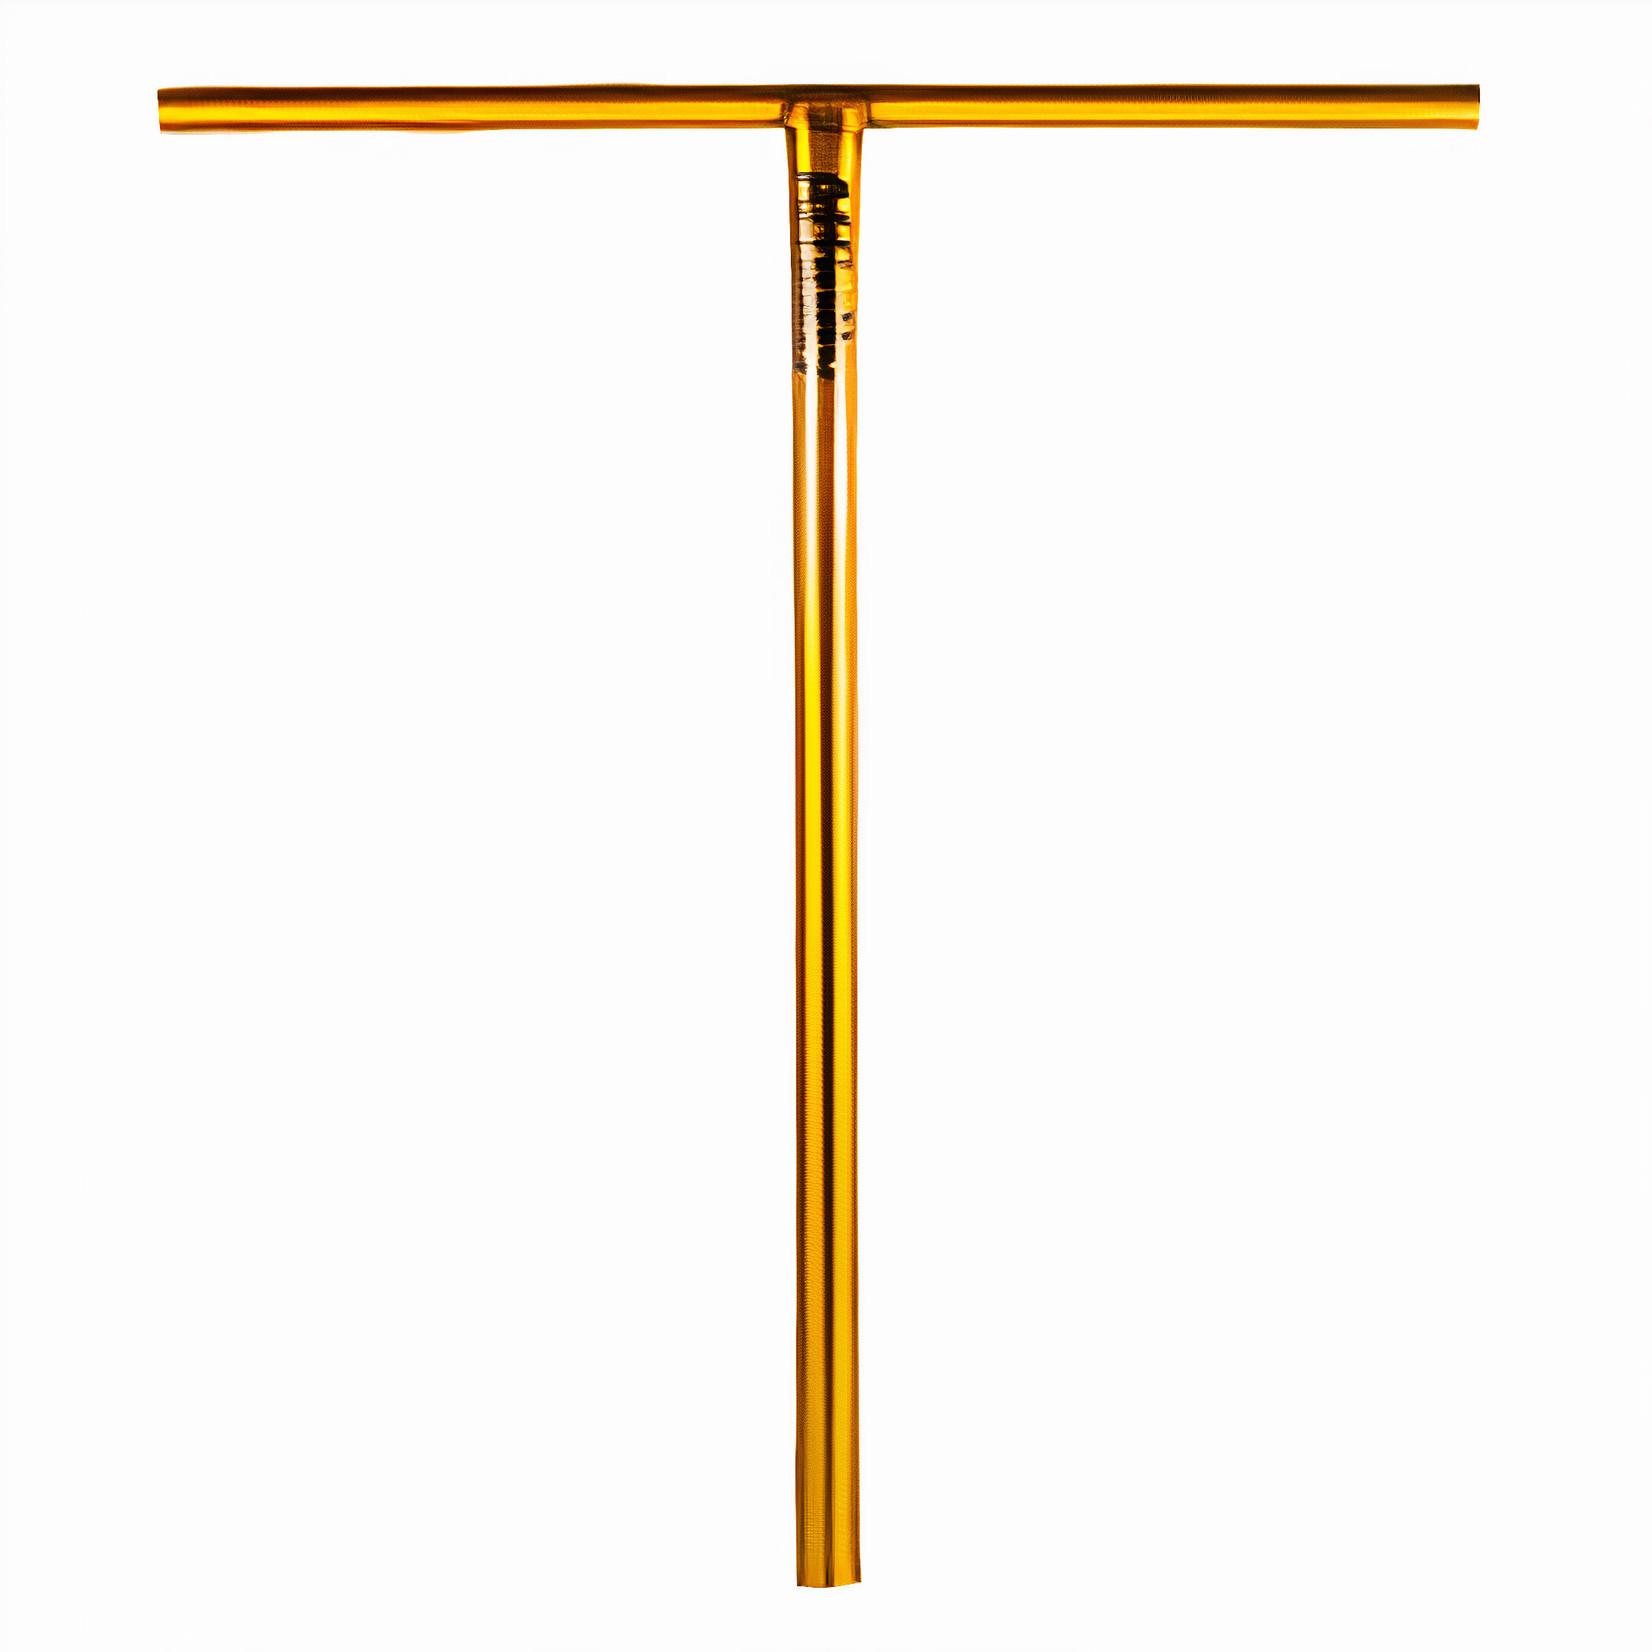 Affinity Affinity - Signature T-Bar Nick Donatelli - Oversized XL - Trans Gold